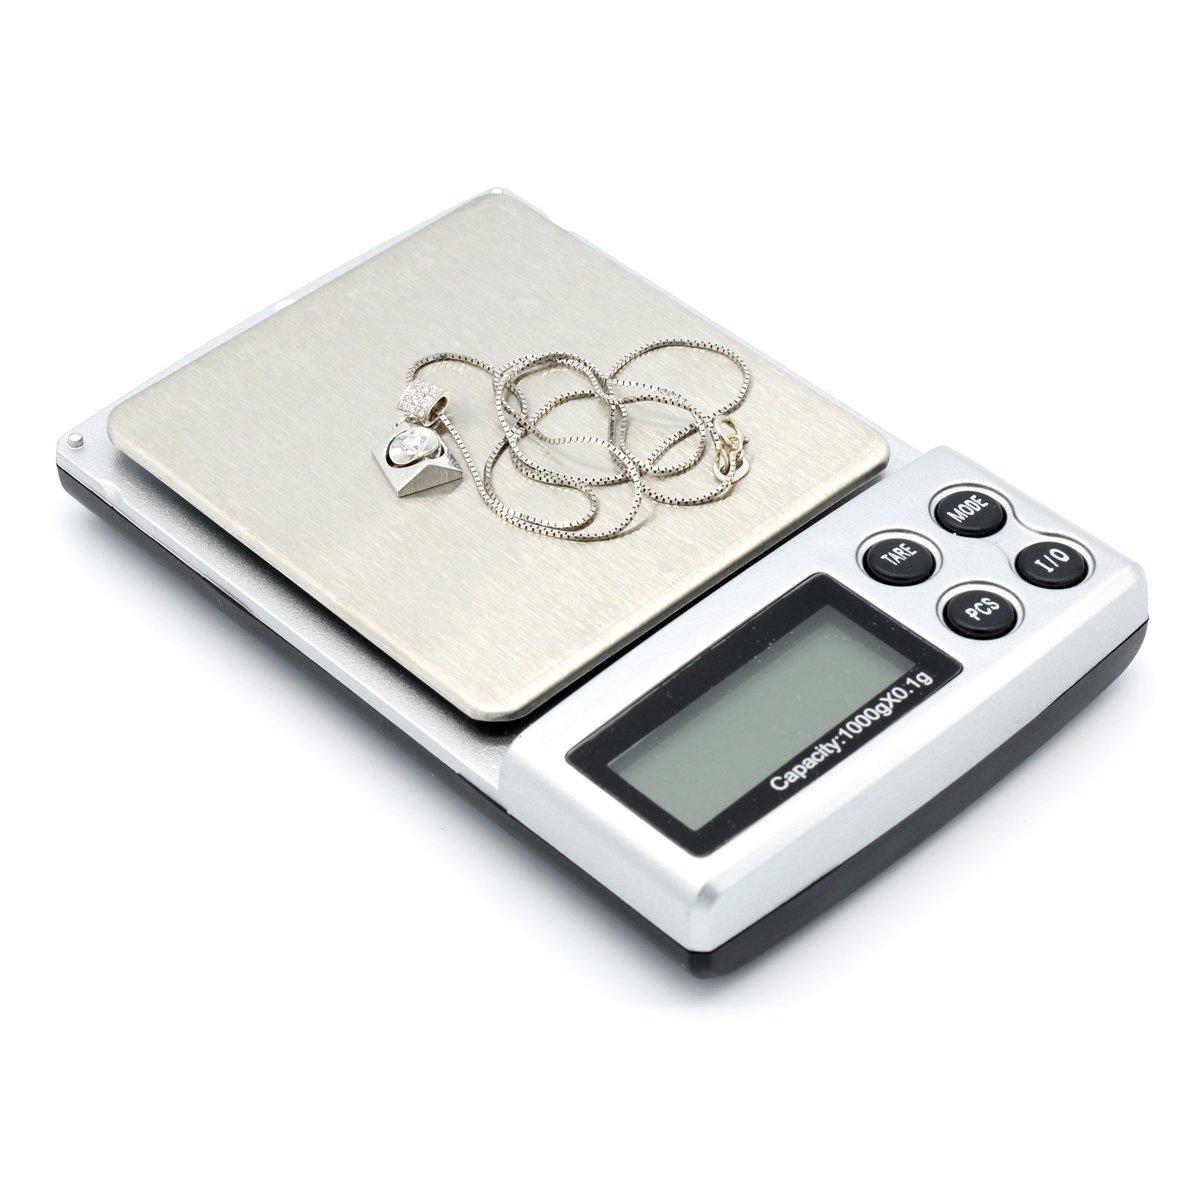 USUN Il y a un mini petite échelle balance numérique de poche cuisson de la cuisine pesant 0,1 Ge -1